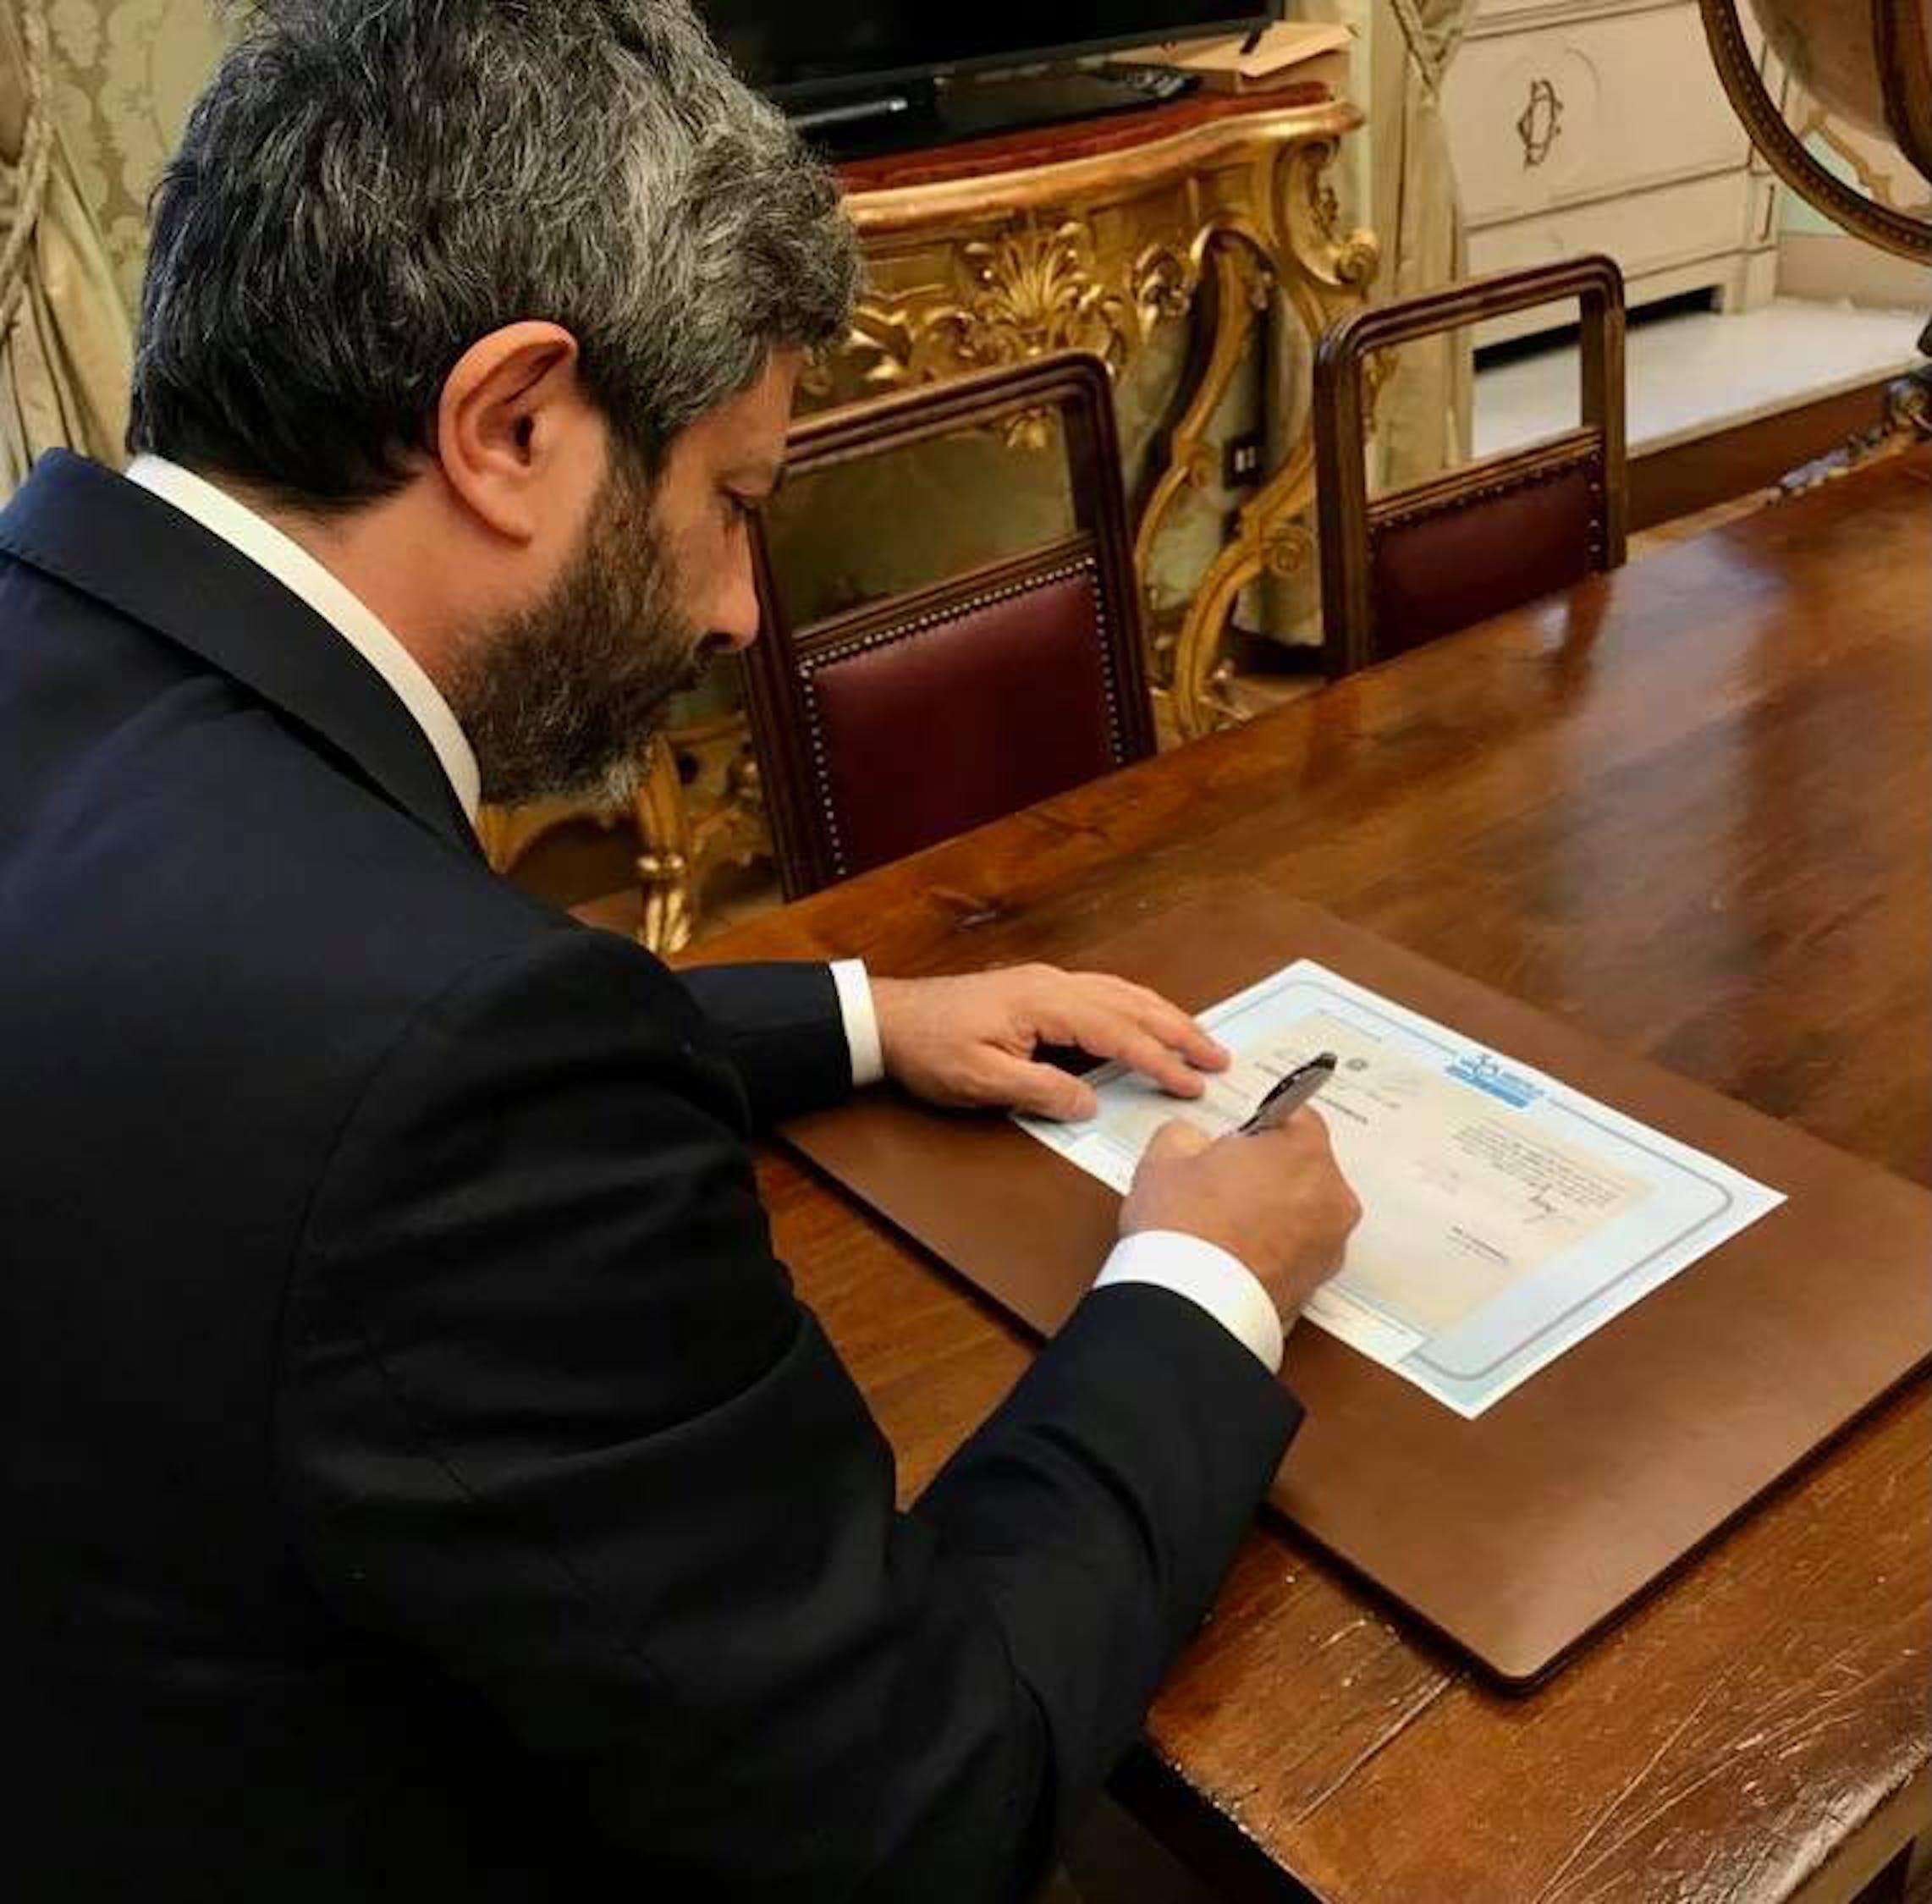 Il Presidente della Camera dei Deputati Roberto Fico firma la riproduzione della Convenzione dei Diritti dell'Infanzia